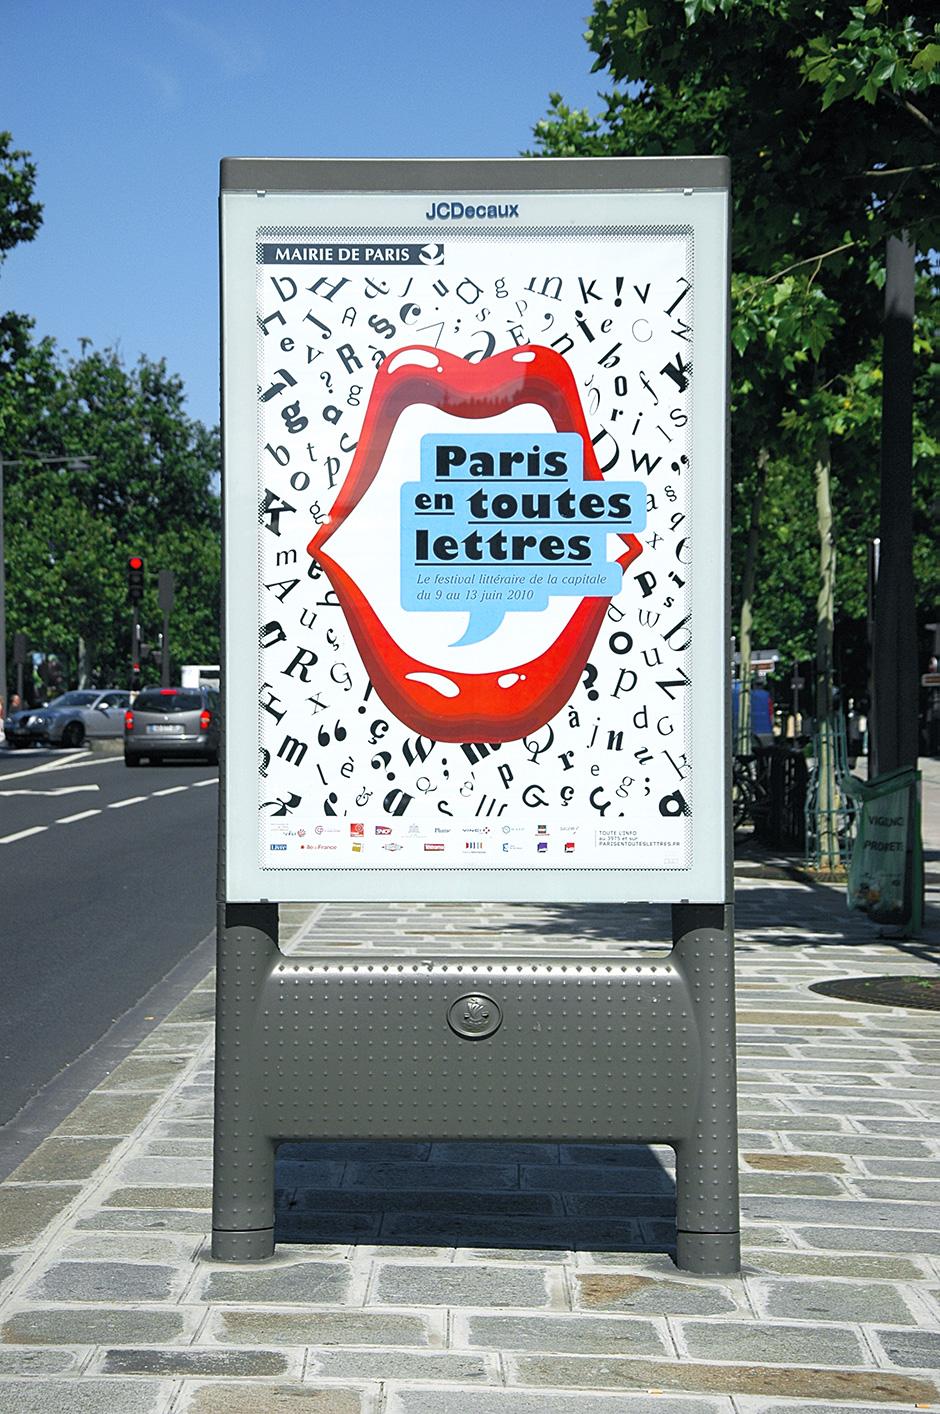 adrienne-bornstein-paris-en-toutes-lettres-exposition-affiche-mairie-de-paris-festival-identite-visuelle-affiche-graphisme-03.jpg